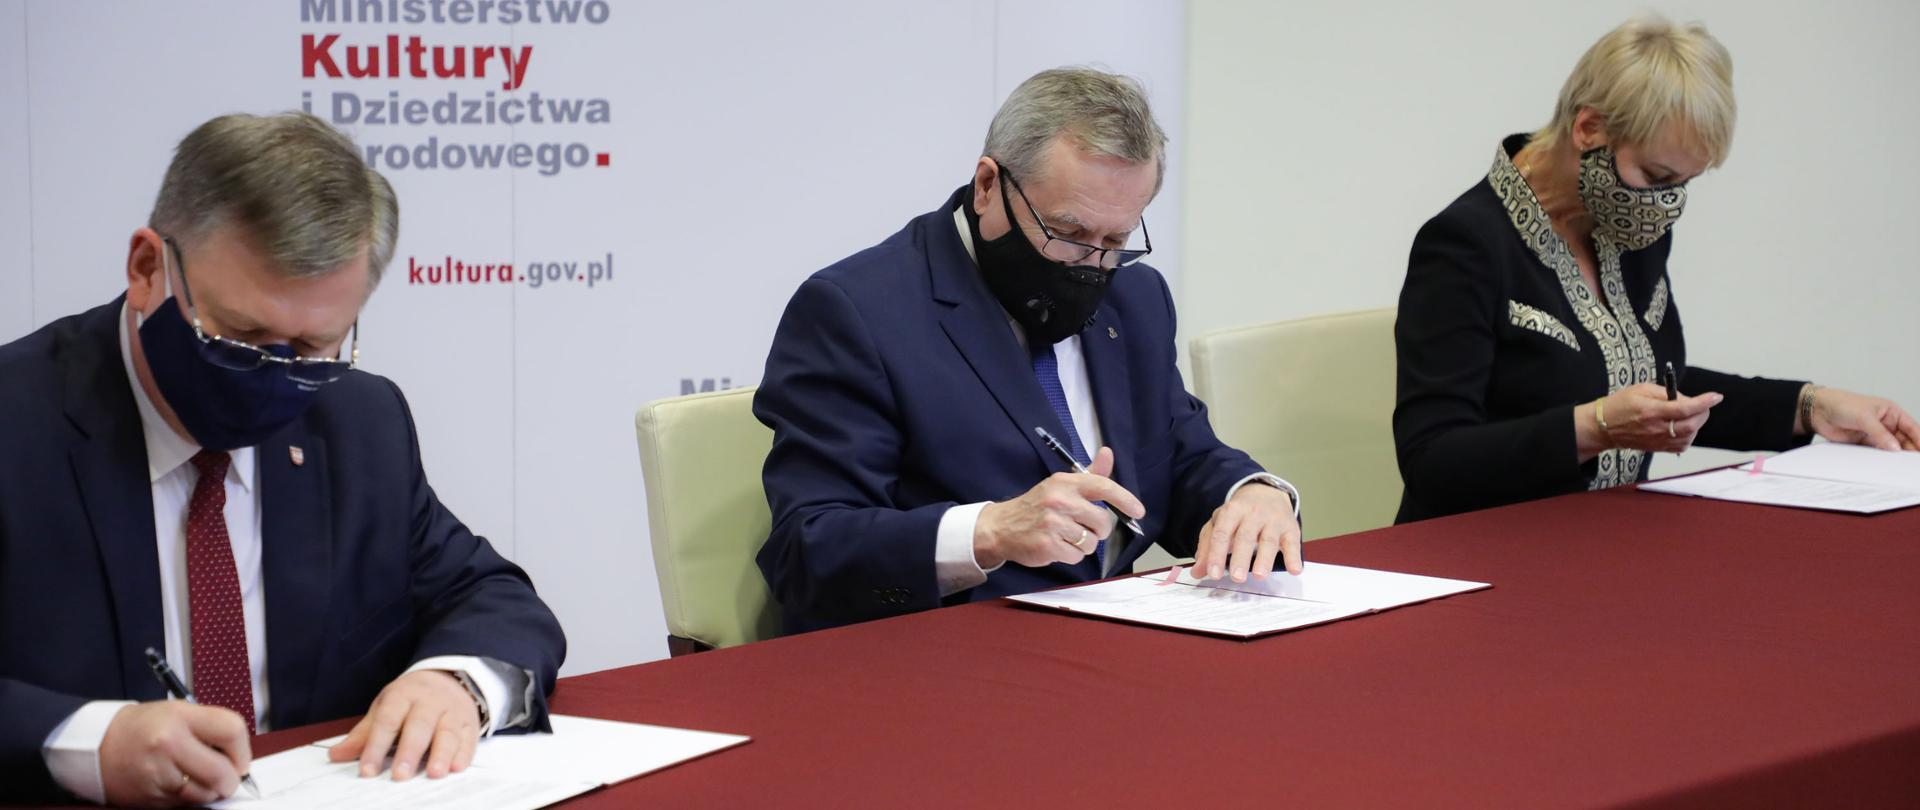 Od 1 stycznia Muzeum Tatrzańskie będzie współprowadzone przez MKiDN, fot. Danuta Matloch